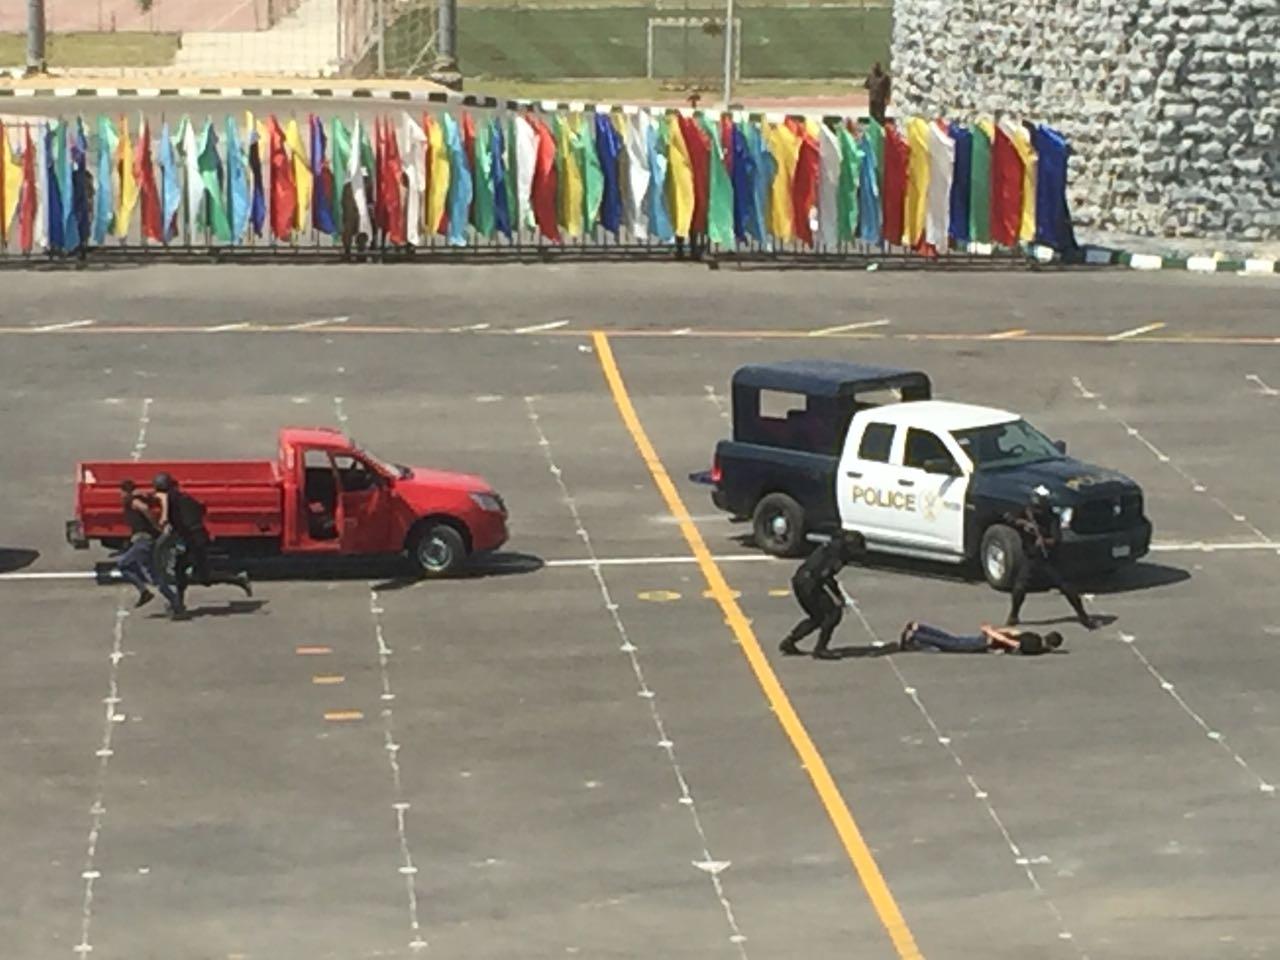 سيناريوهات للشرطة لمداهمة لعناصر الارهابية بحضور وزير الداخلية (1)